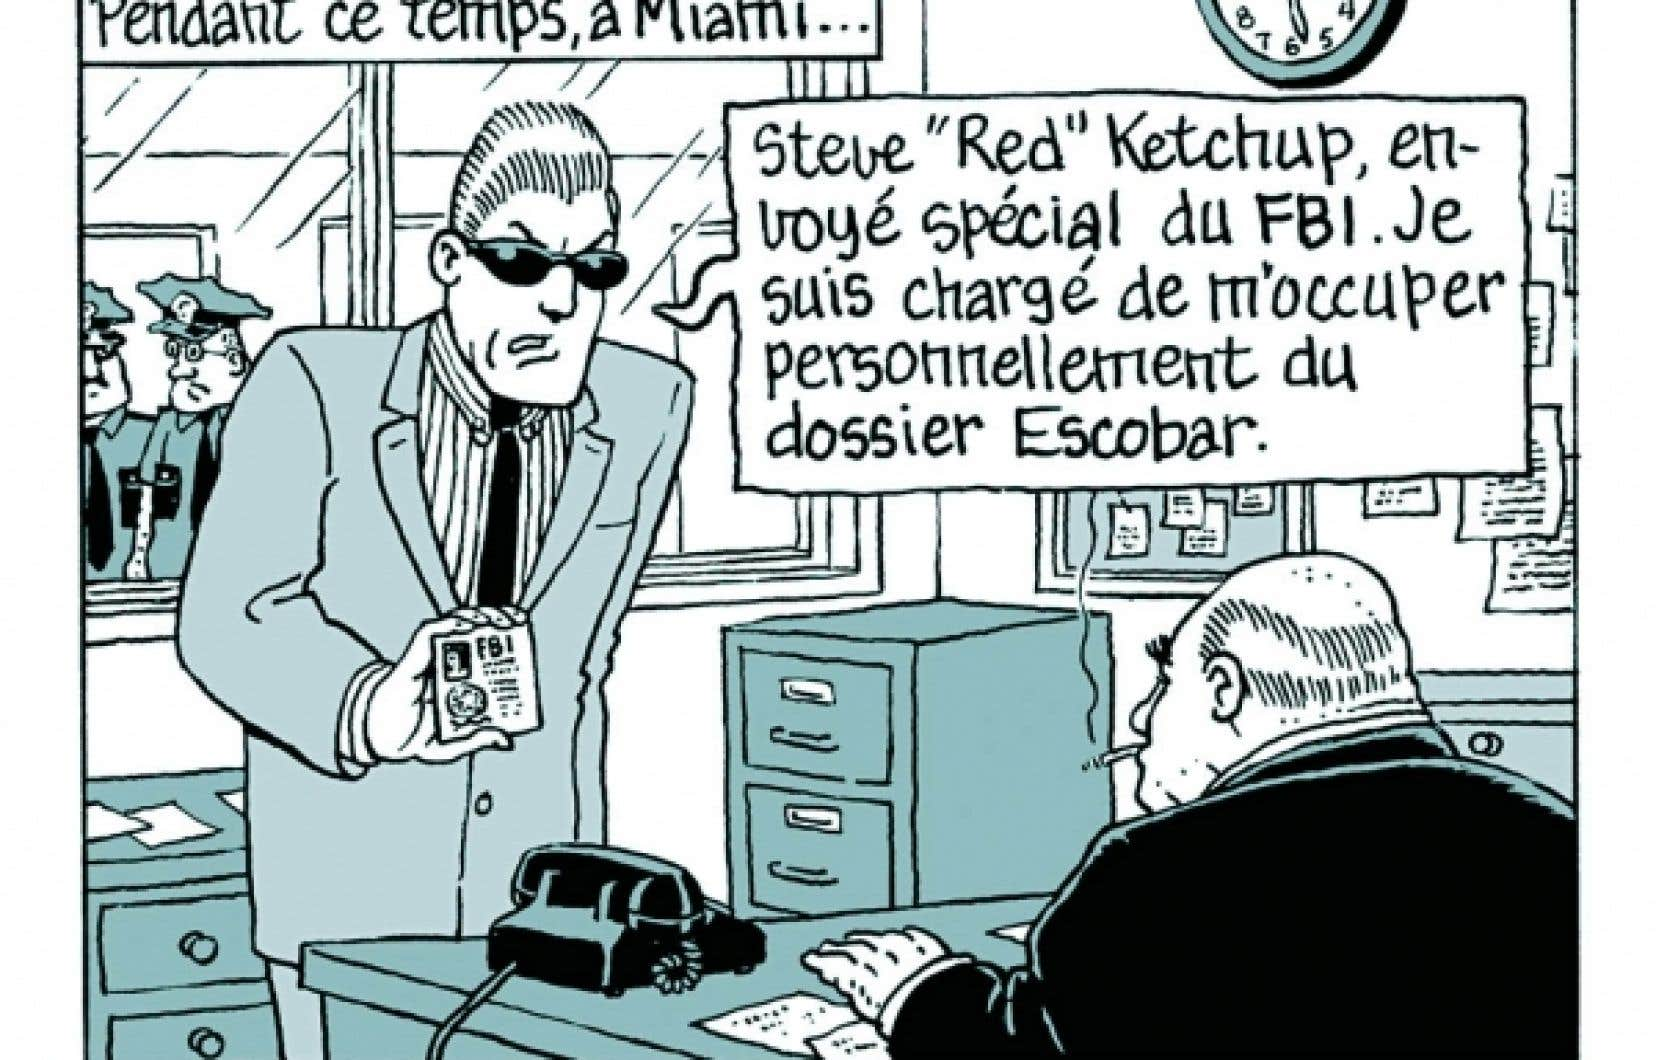 C&rsquo;est dans cette case, en avril 1982, dans le magazine Croc, que le personnage de Red Ketchup a fait sa premi&egrave;re apparition &agrave; l&rsquo;int&eacute;rieur des aventures de Michel Risque.<br />